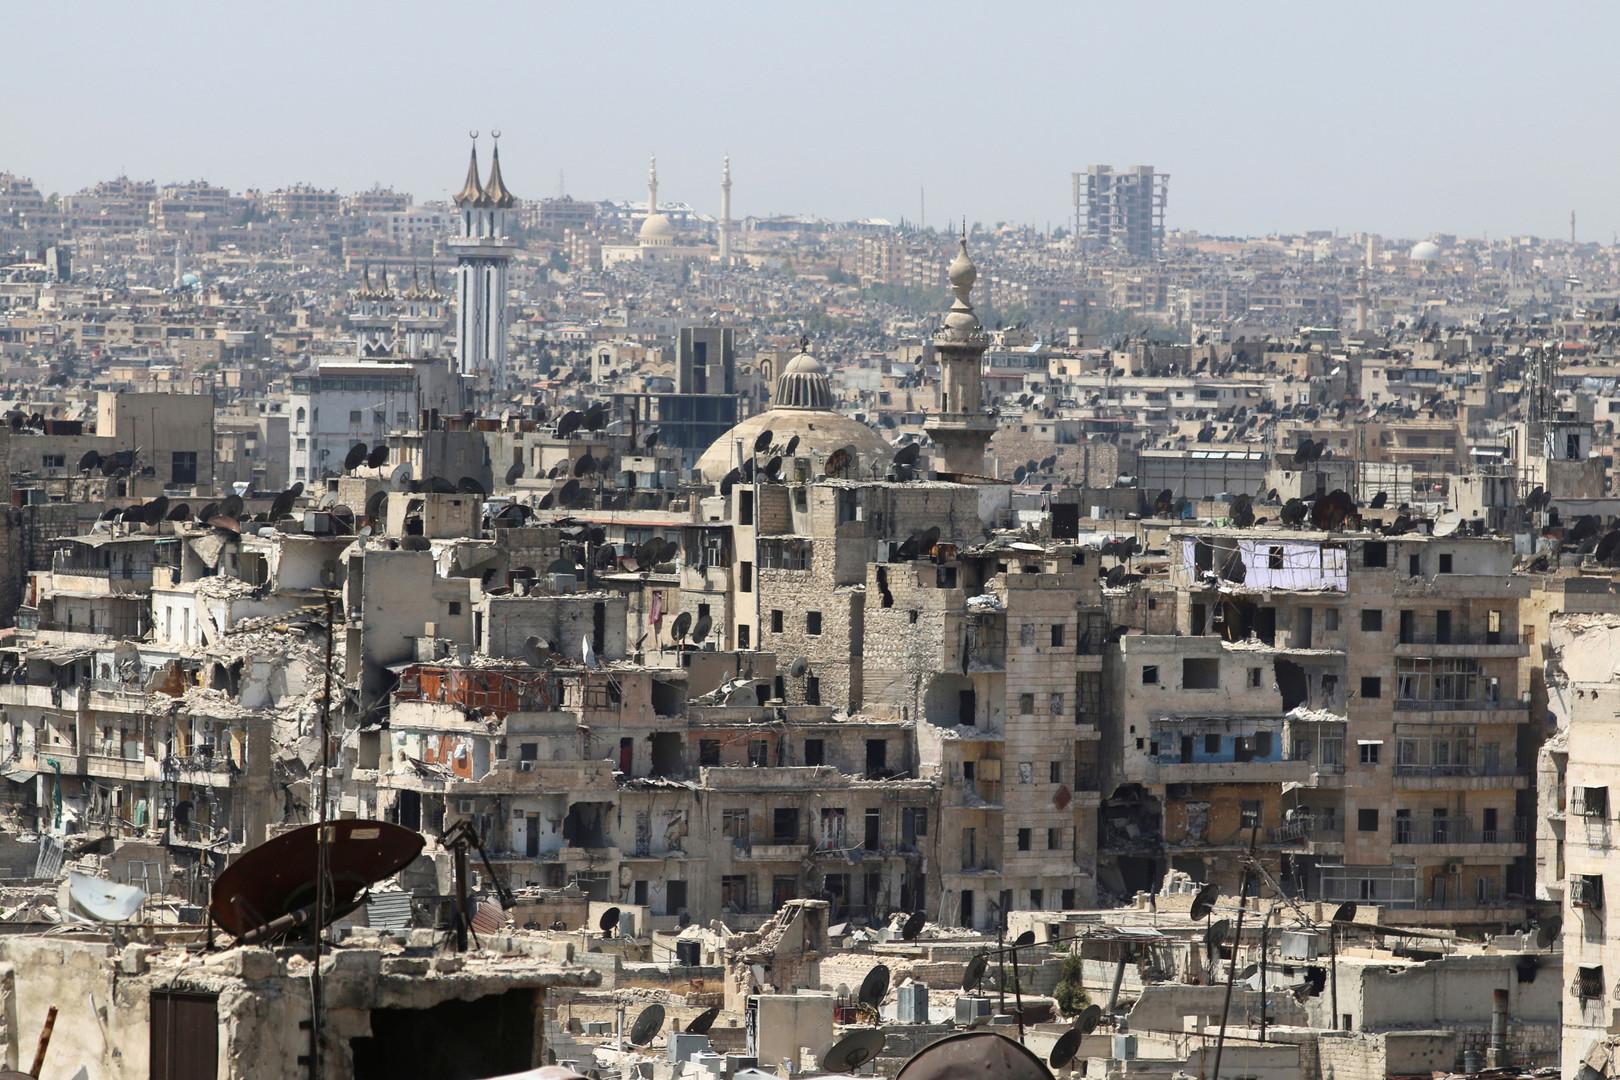 МИД РФ: В позиции США по Сирии нет логики